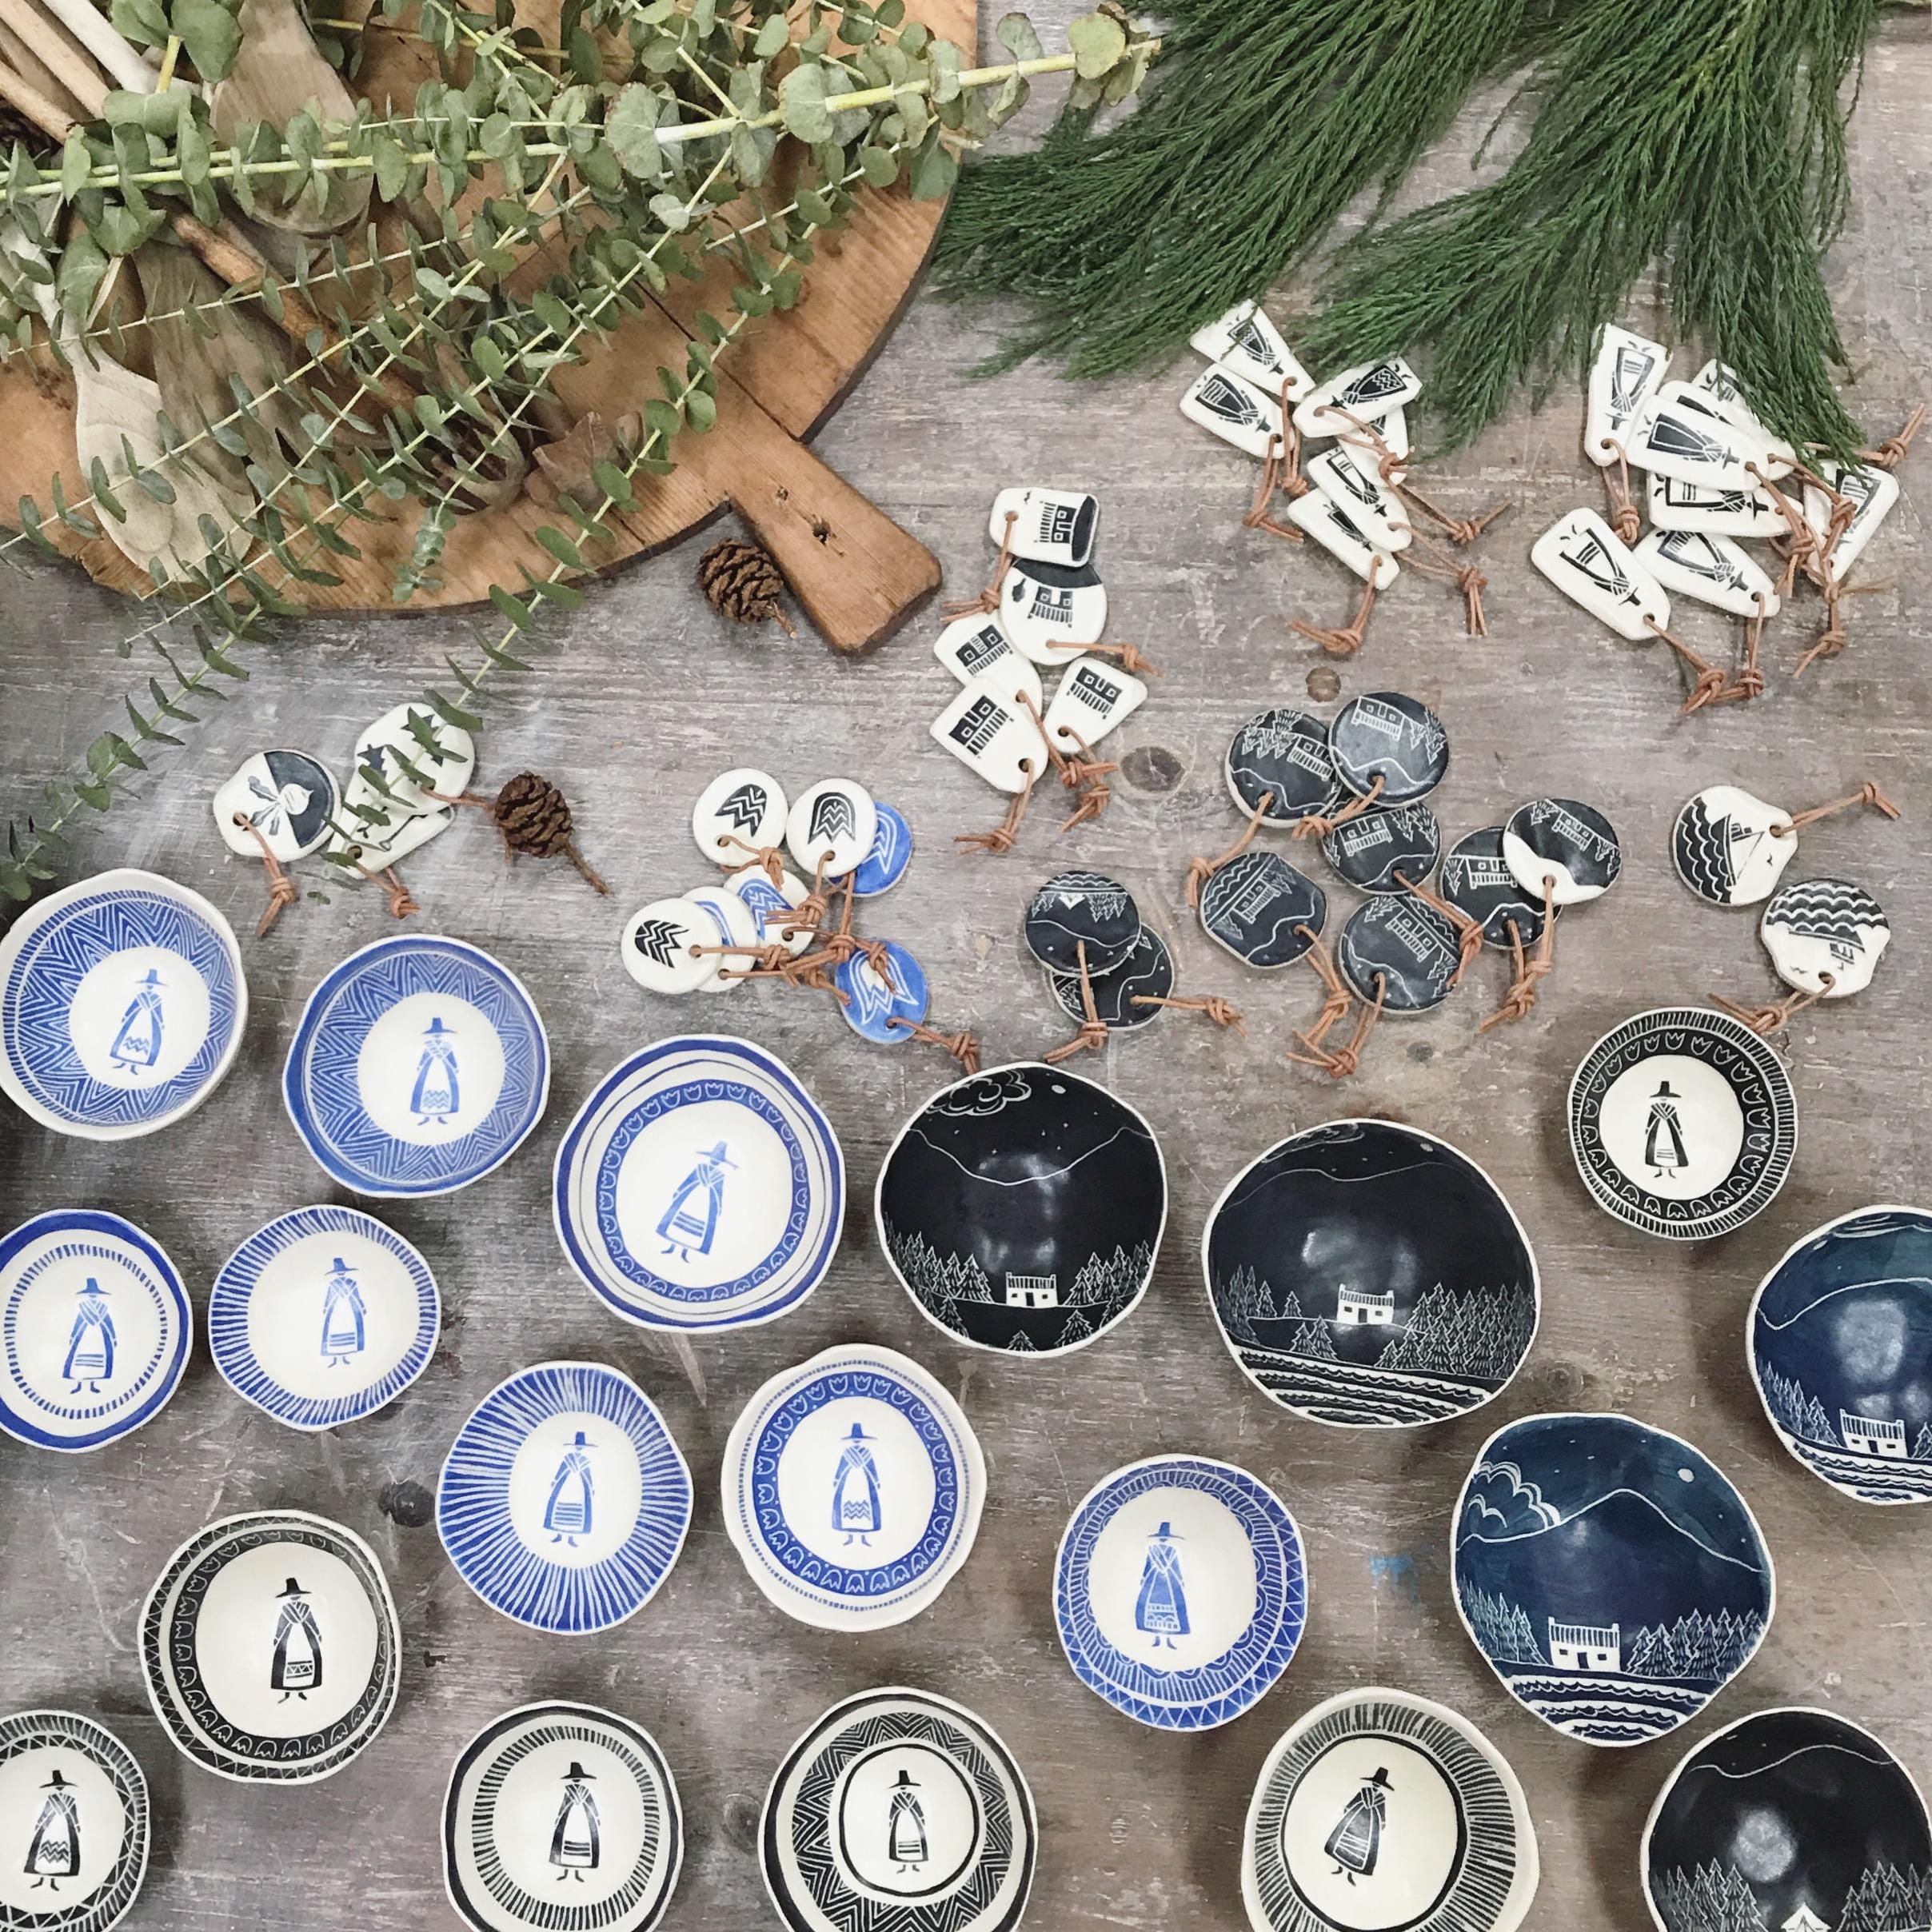 Kate-russell-scratch-ceramics-1